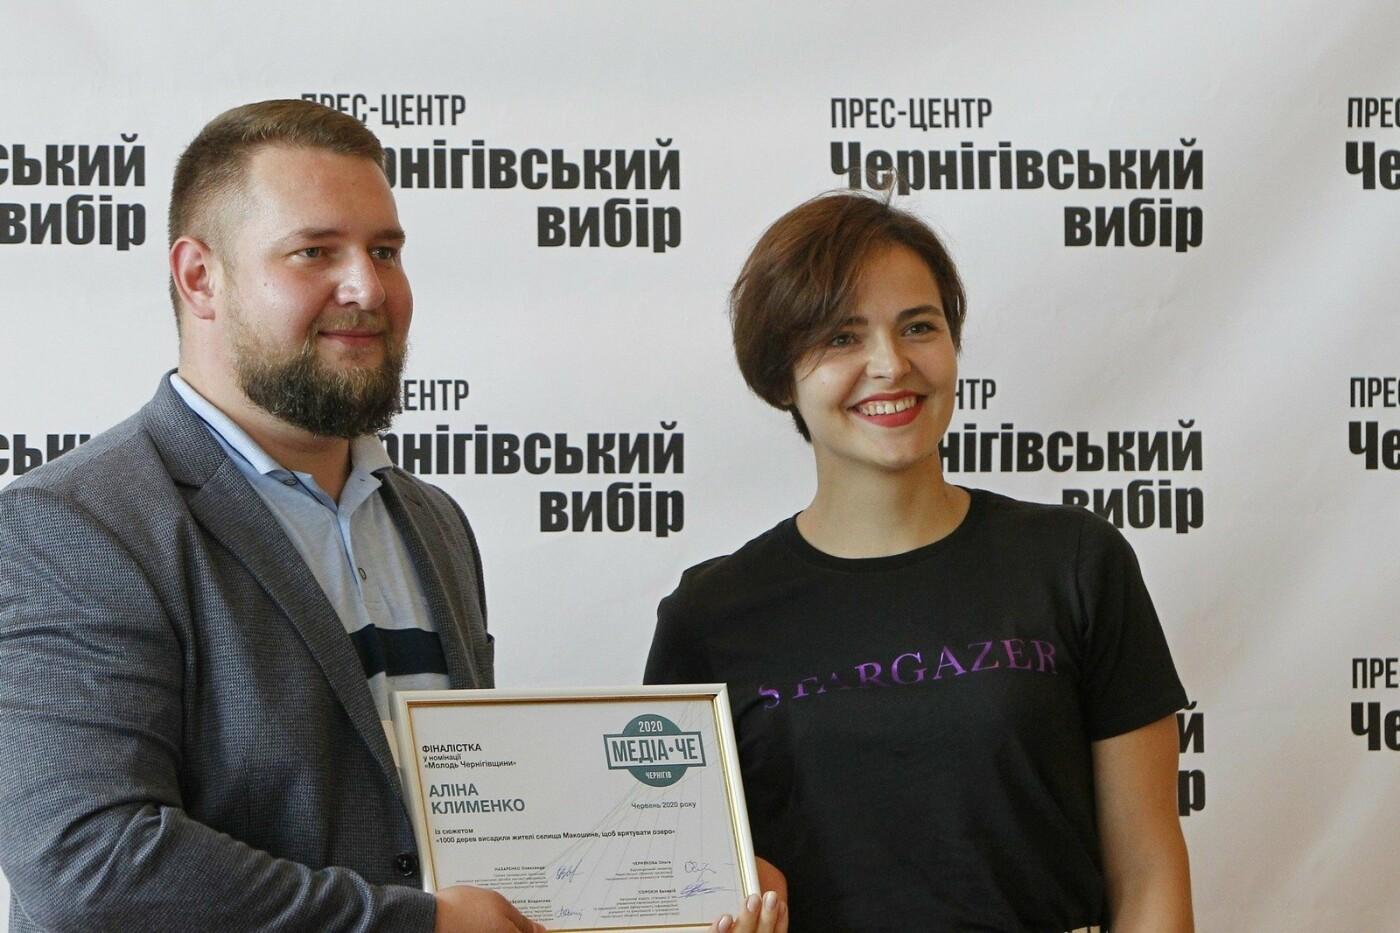 У Чернігові нагородили переможців журналістського конкурсу «МедіаЧе»-2020, фото-3